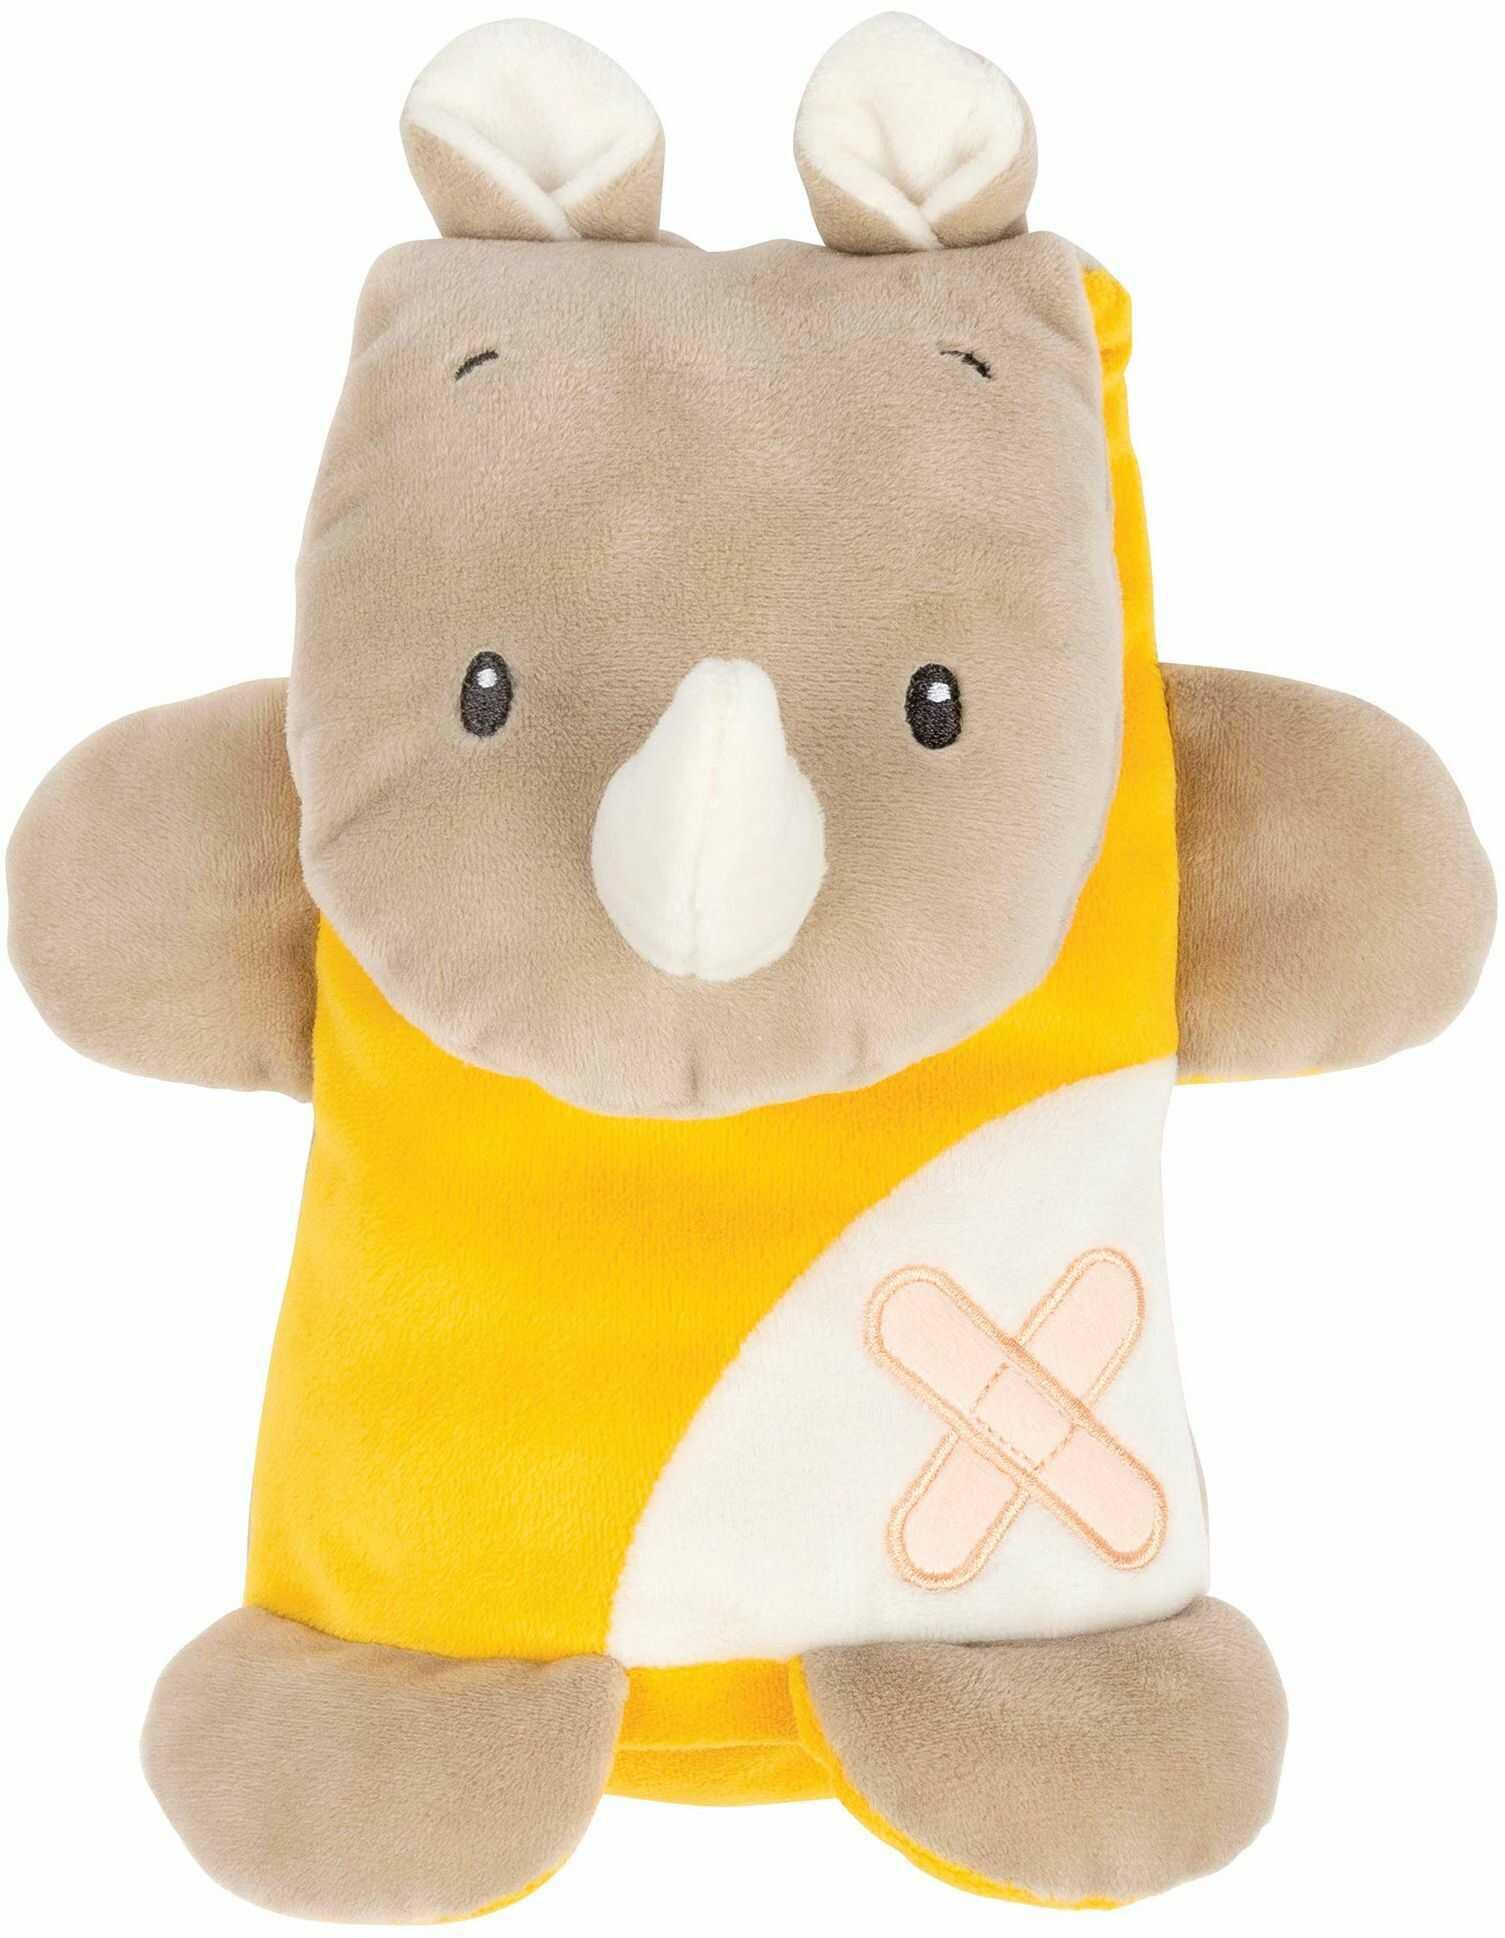 Nattou Aktywny przytulanka nosorożec, Buddiezzz, 22  18  9 cm, brązowy/żółty